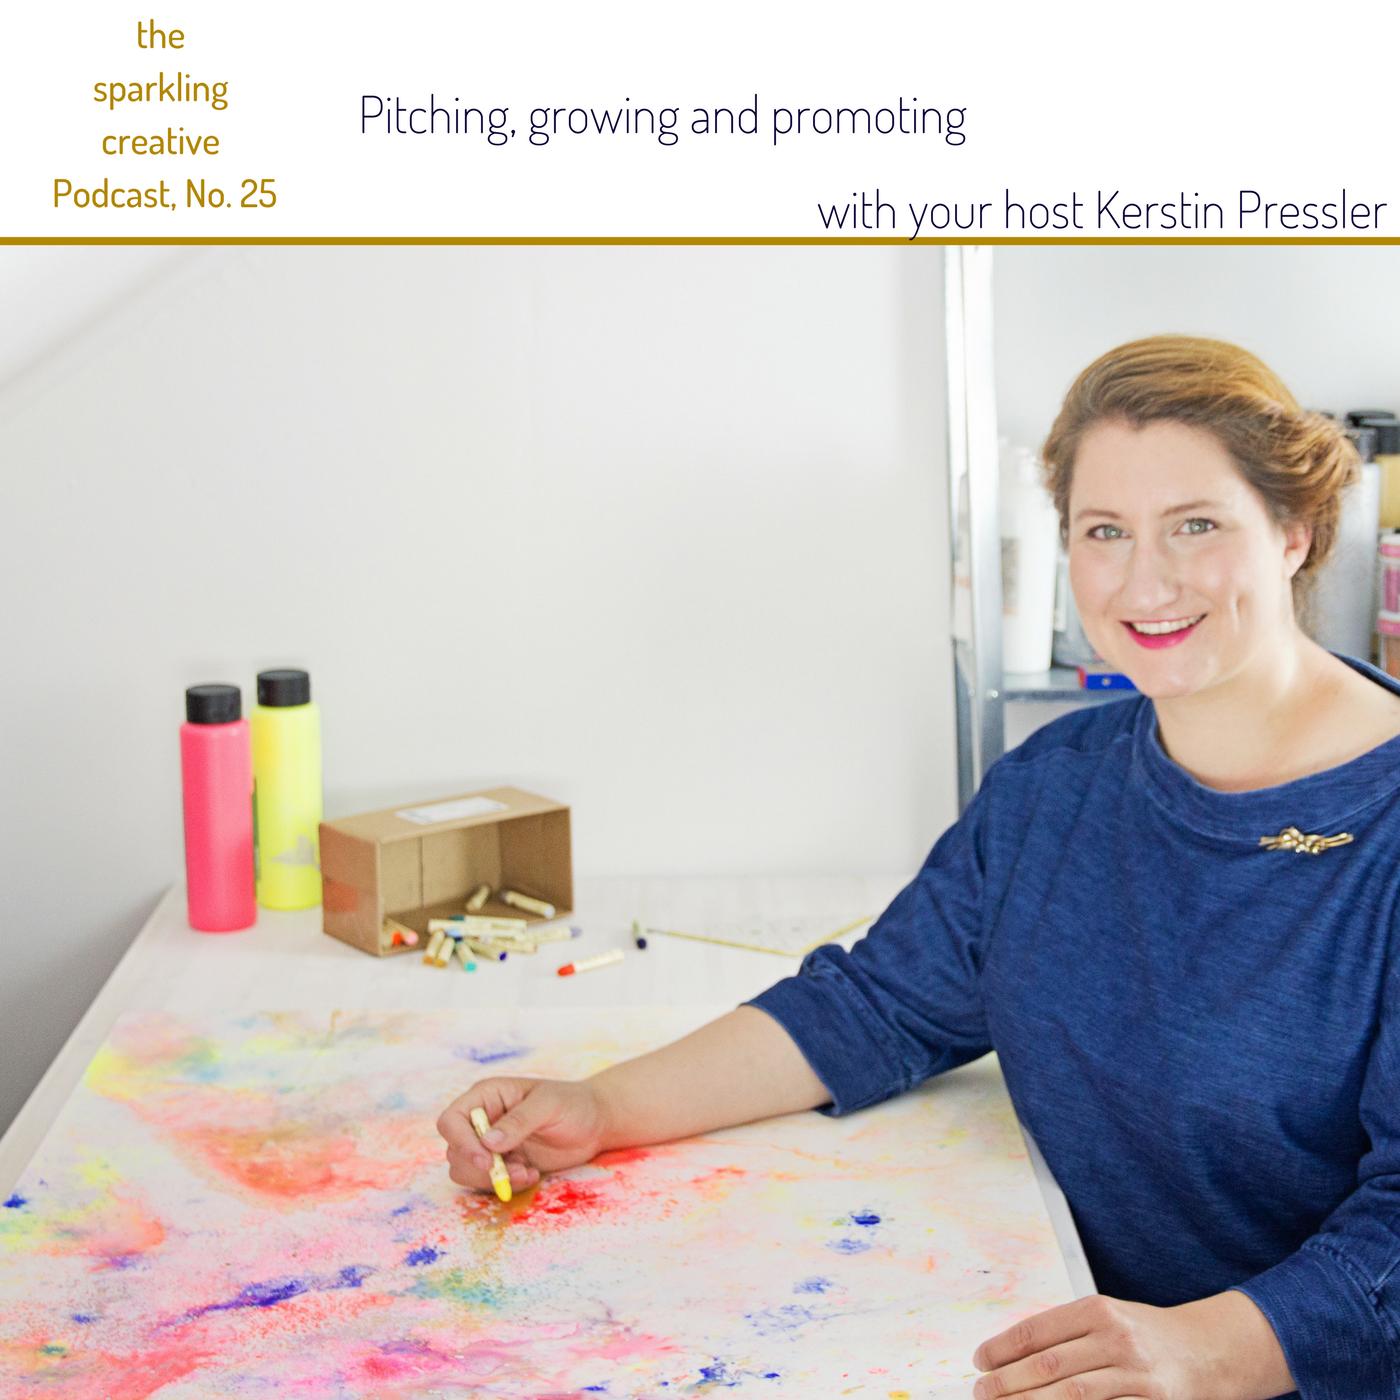 the sparkling creative Podcast,Episode 25: Pitching, growing and promoting. Kerstin Pressler, www.kerstinpressler.com/blog-2/episode24